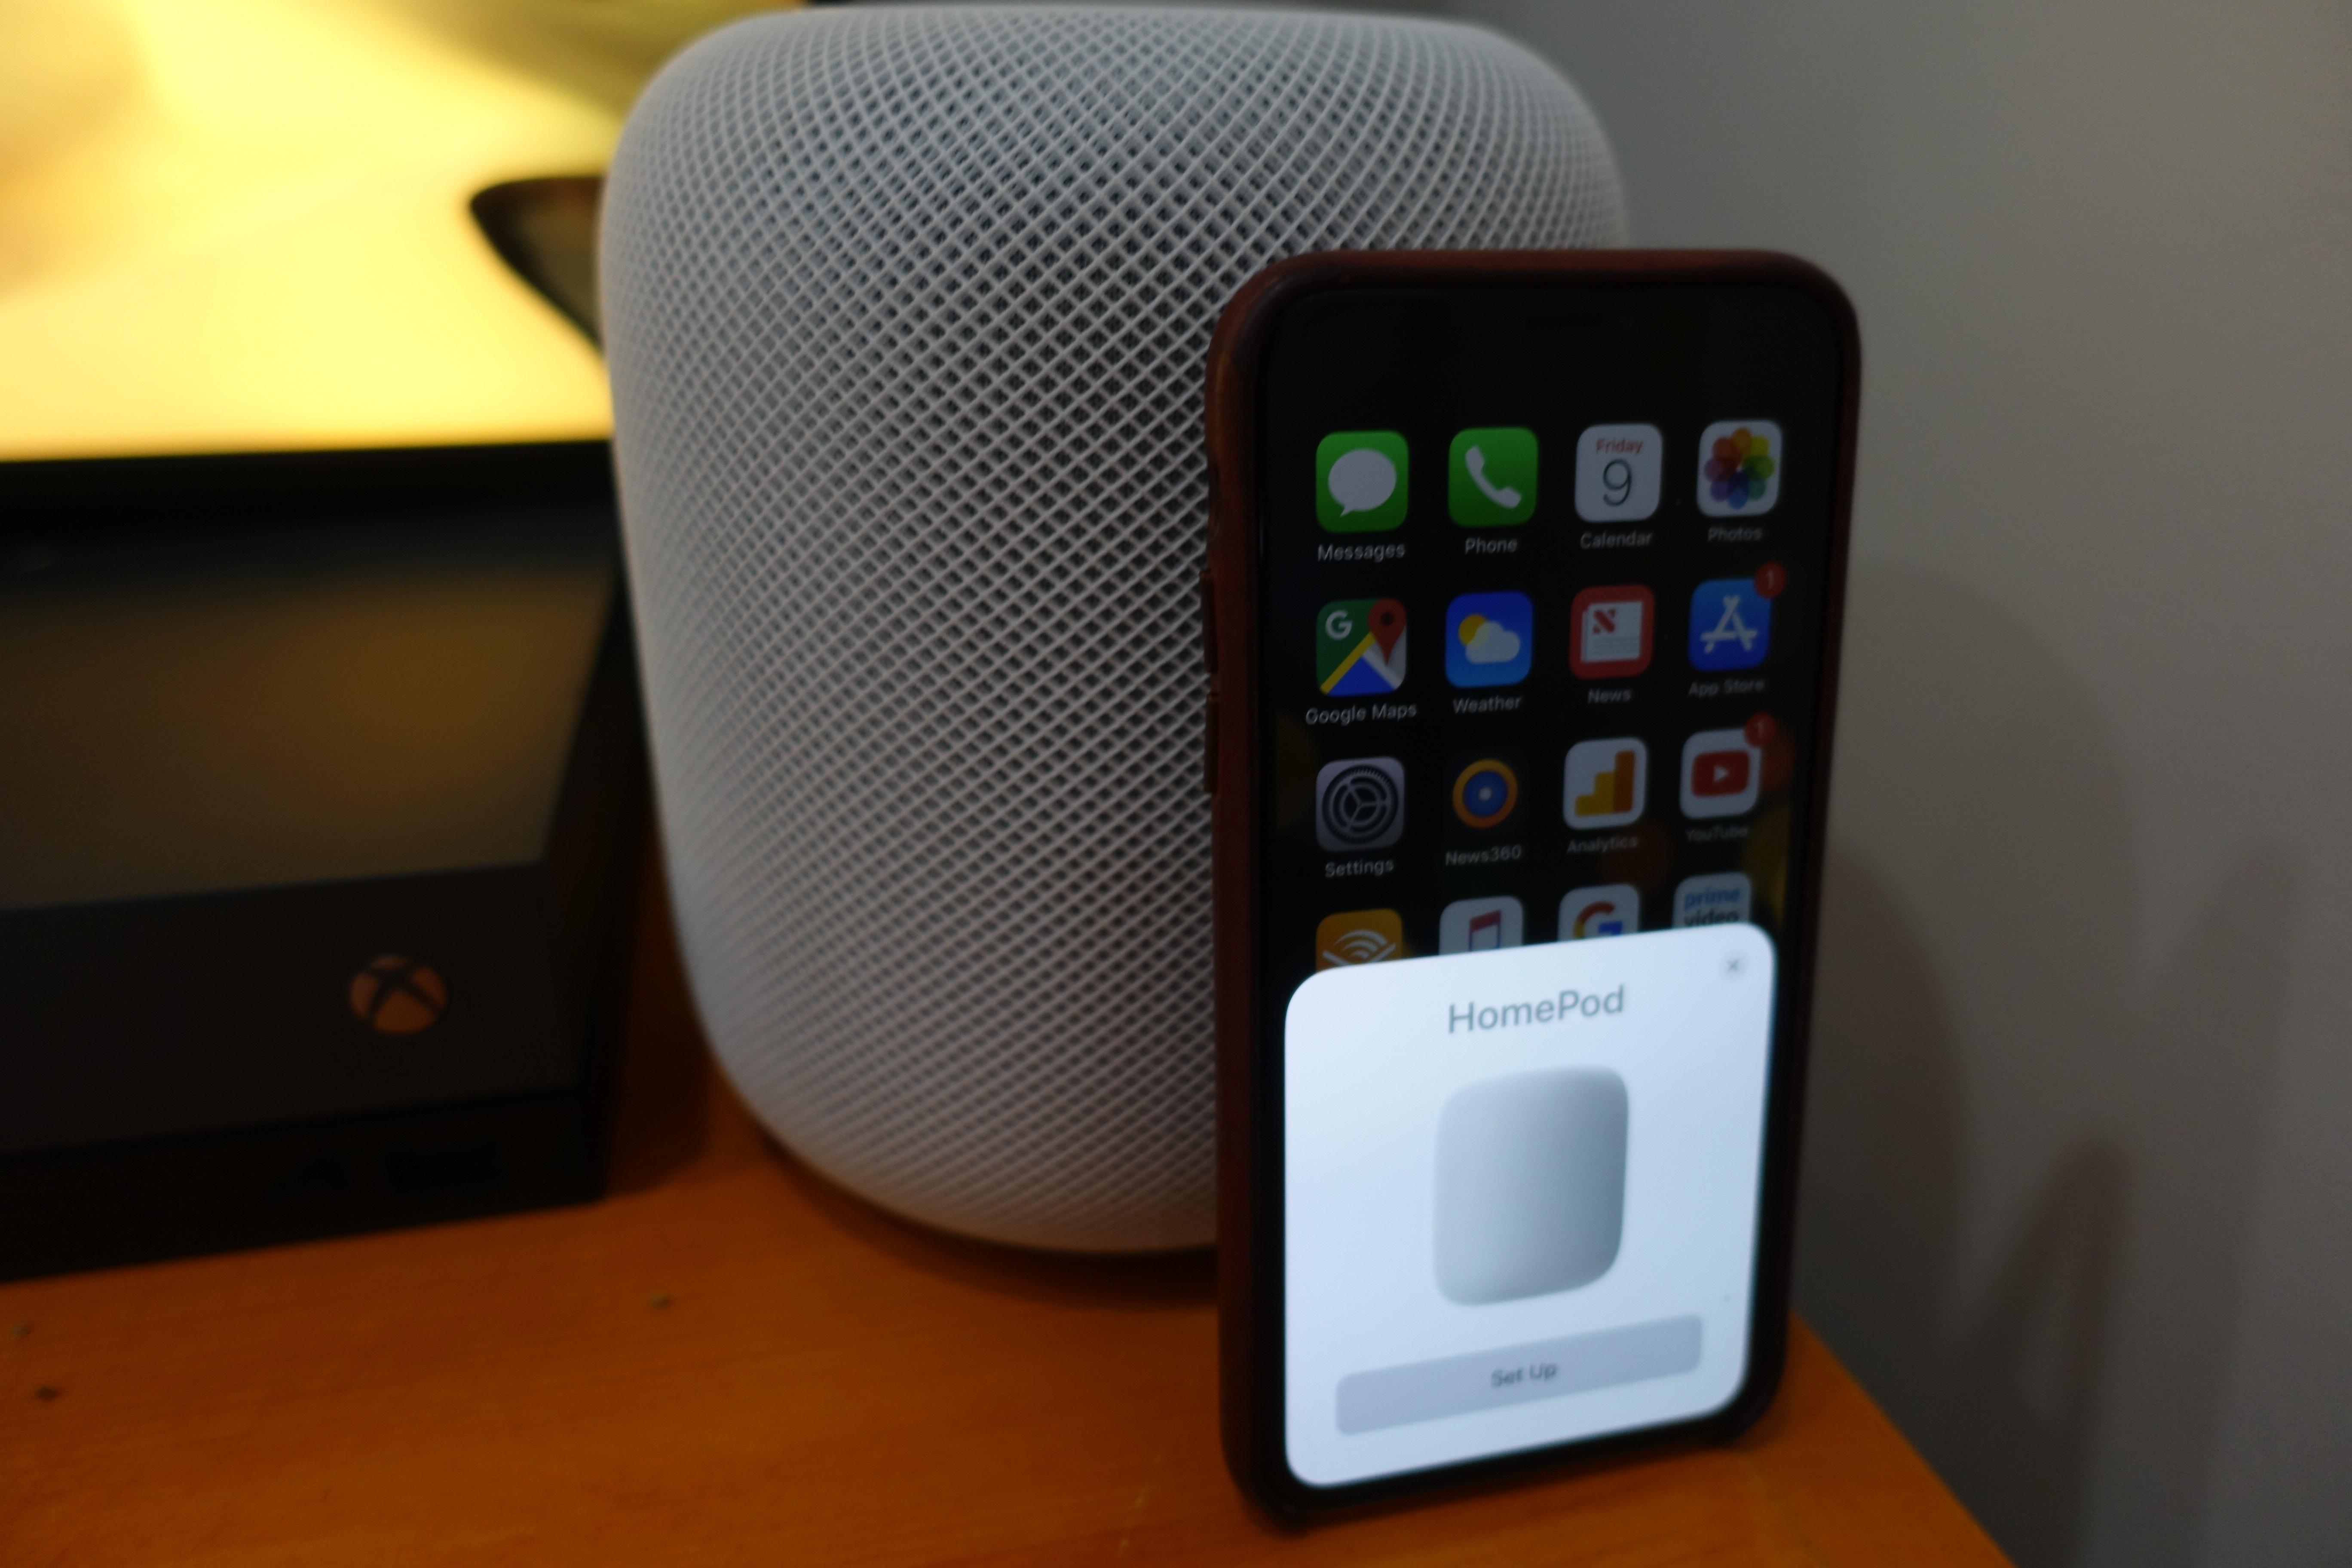 HomePod er lett å sette opp: plasser din iPhone ved siden av den. Plage: Face ID ikke støttet. Passordet må tastes inn manuelt.